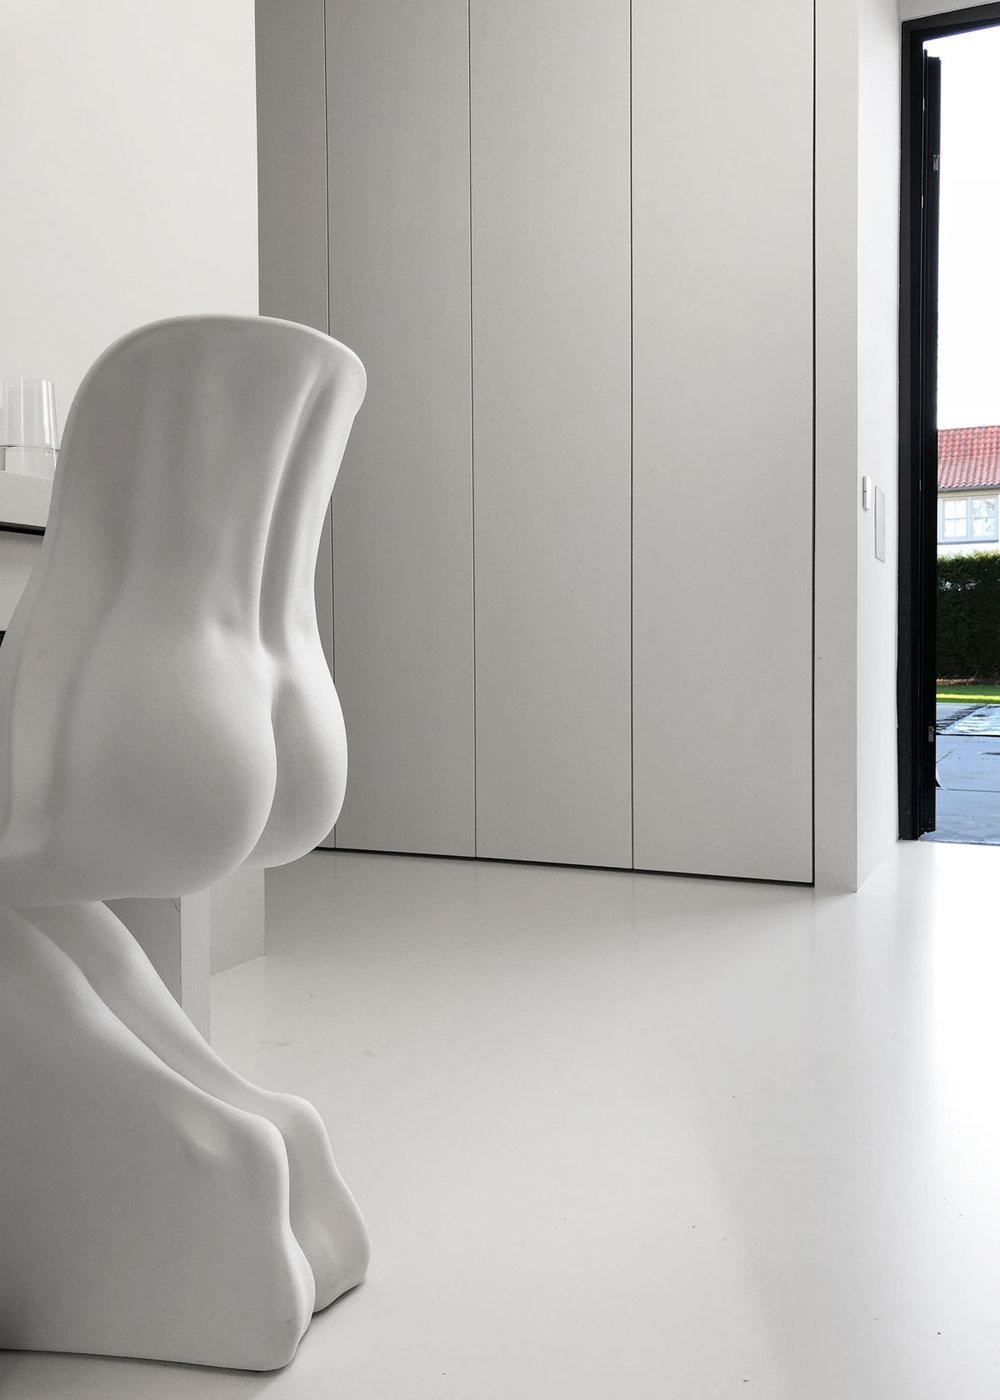 Afbeelding van een design kledingkast op maat met op de voorgrond een kunstwerk-stoel in de vorm van een vrouwenlichaam.